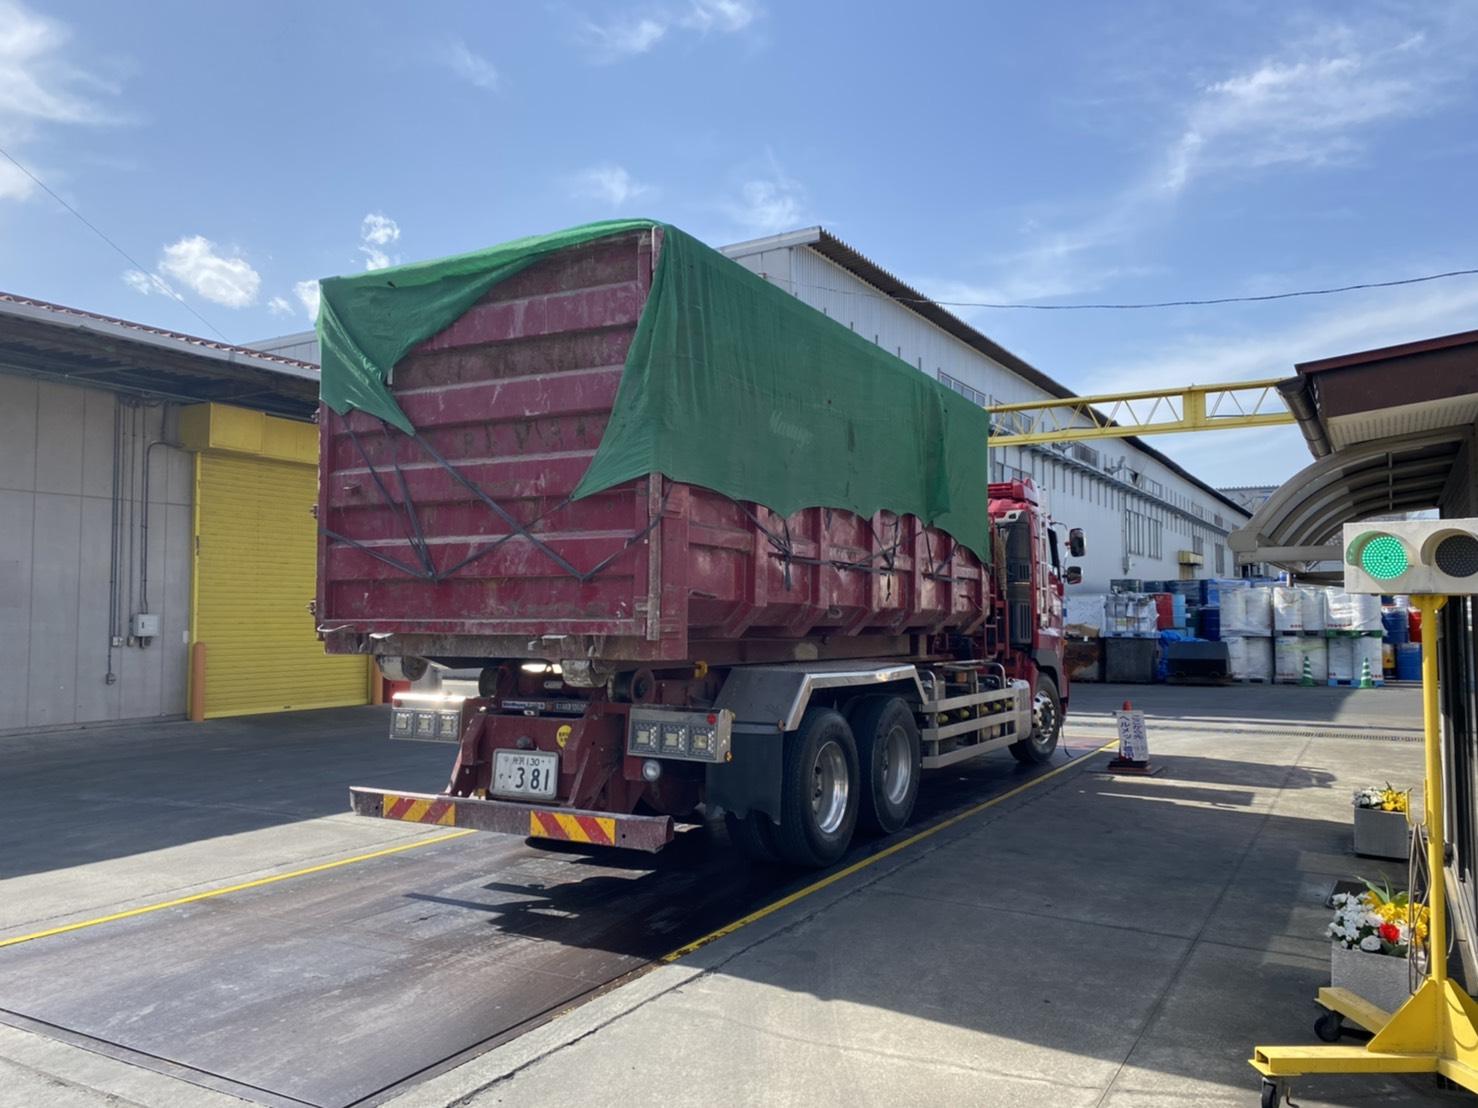 【産業廃棄物の回収処理】化粧品等の回収を工場にて行った事例を紹介します。